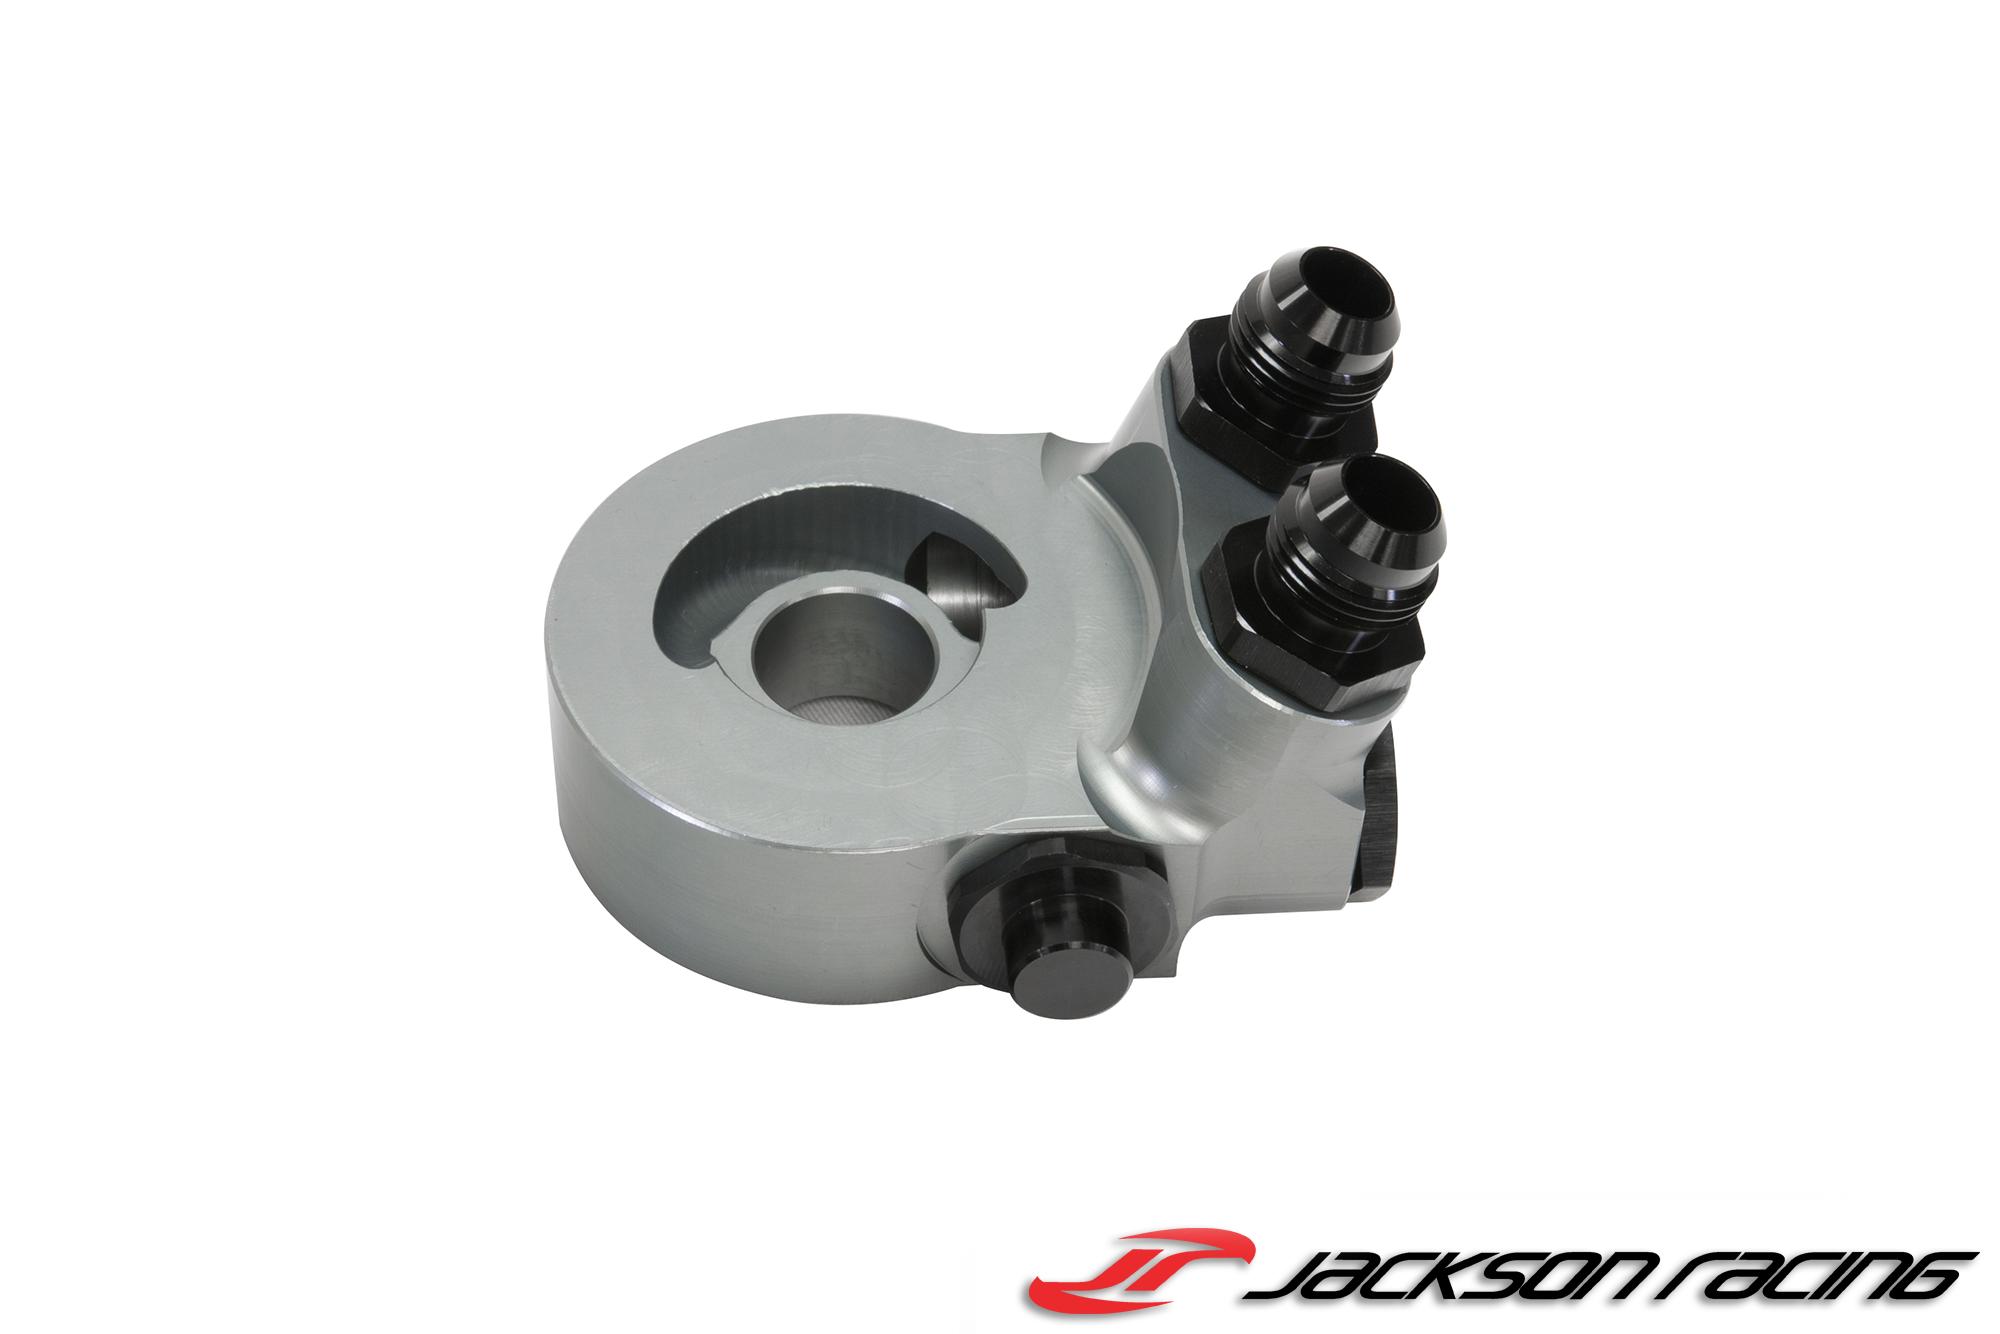 FR-S/86/BRZ Track Engine Oil Cooler Kit – Jackson Racing